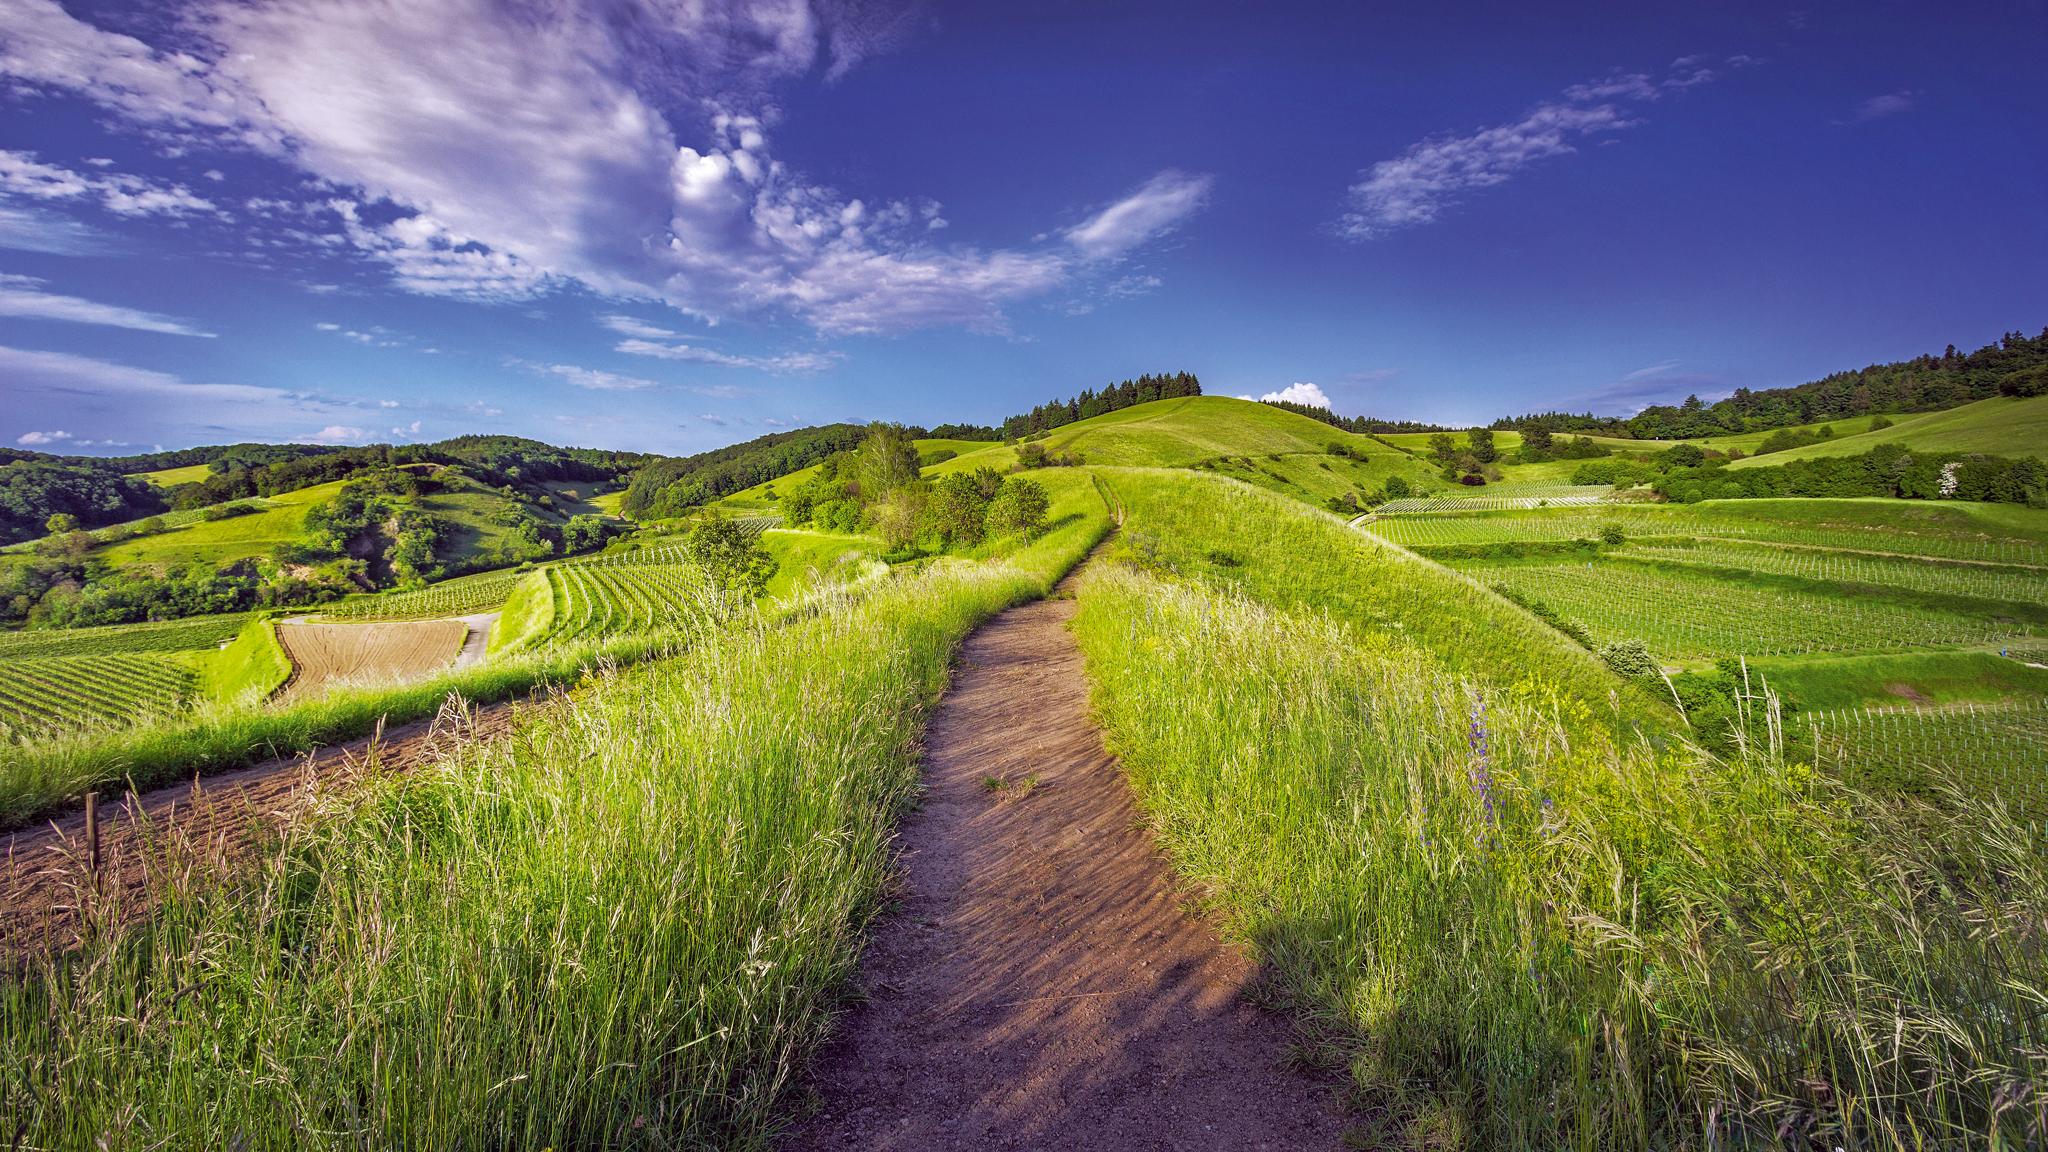 Ein Weg, der sich ins Unendliche windet. Wie mein oder dein Lebensweg? Liegt hinter den Bergen der Sehnsuchtsort? Erfüllt der Weg dorthin bereits Sehnsüchte? © xphere.com